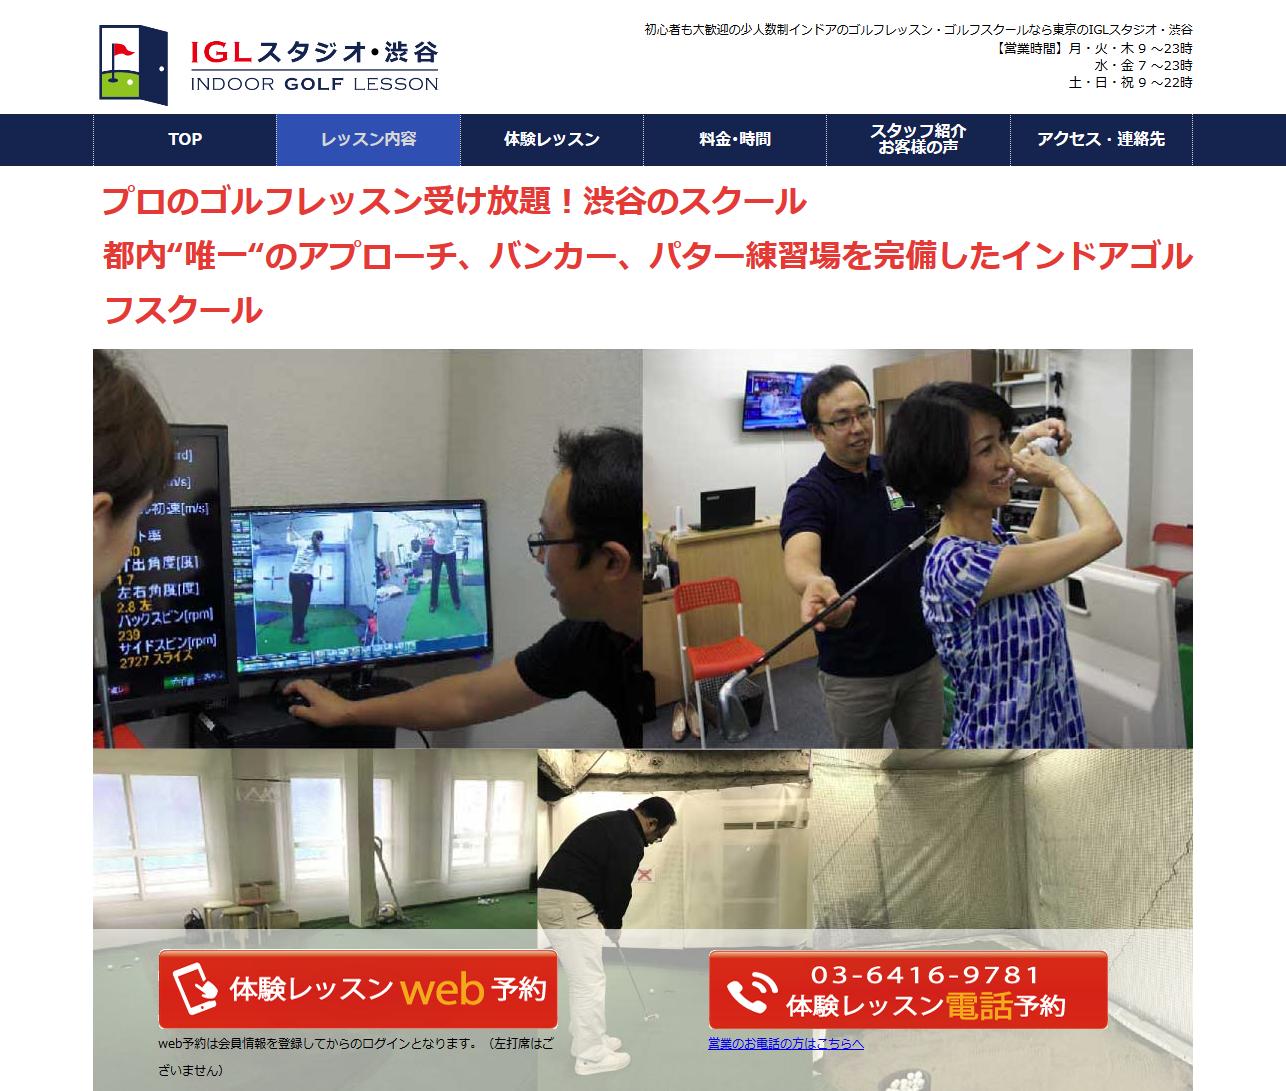 """プロのゴルフレッスン受け放題!渋谷のスクール 都内""""唯一""""のアプローチ、バンカー、パター練習場を完備したインドアゴルフスクール"""